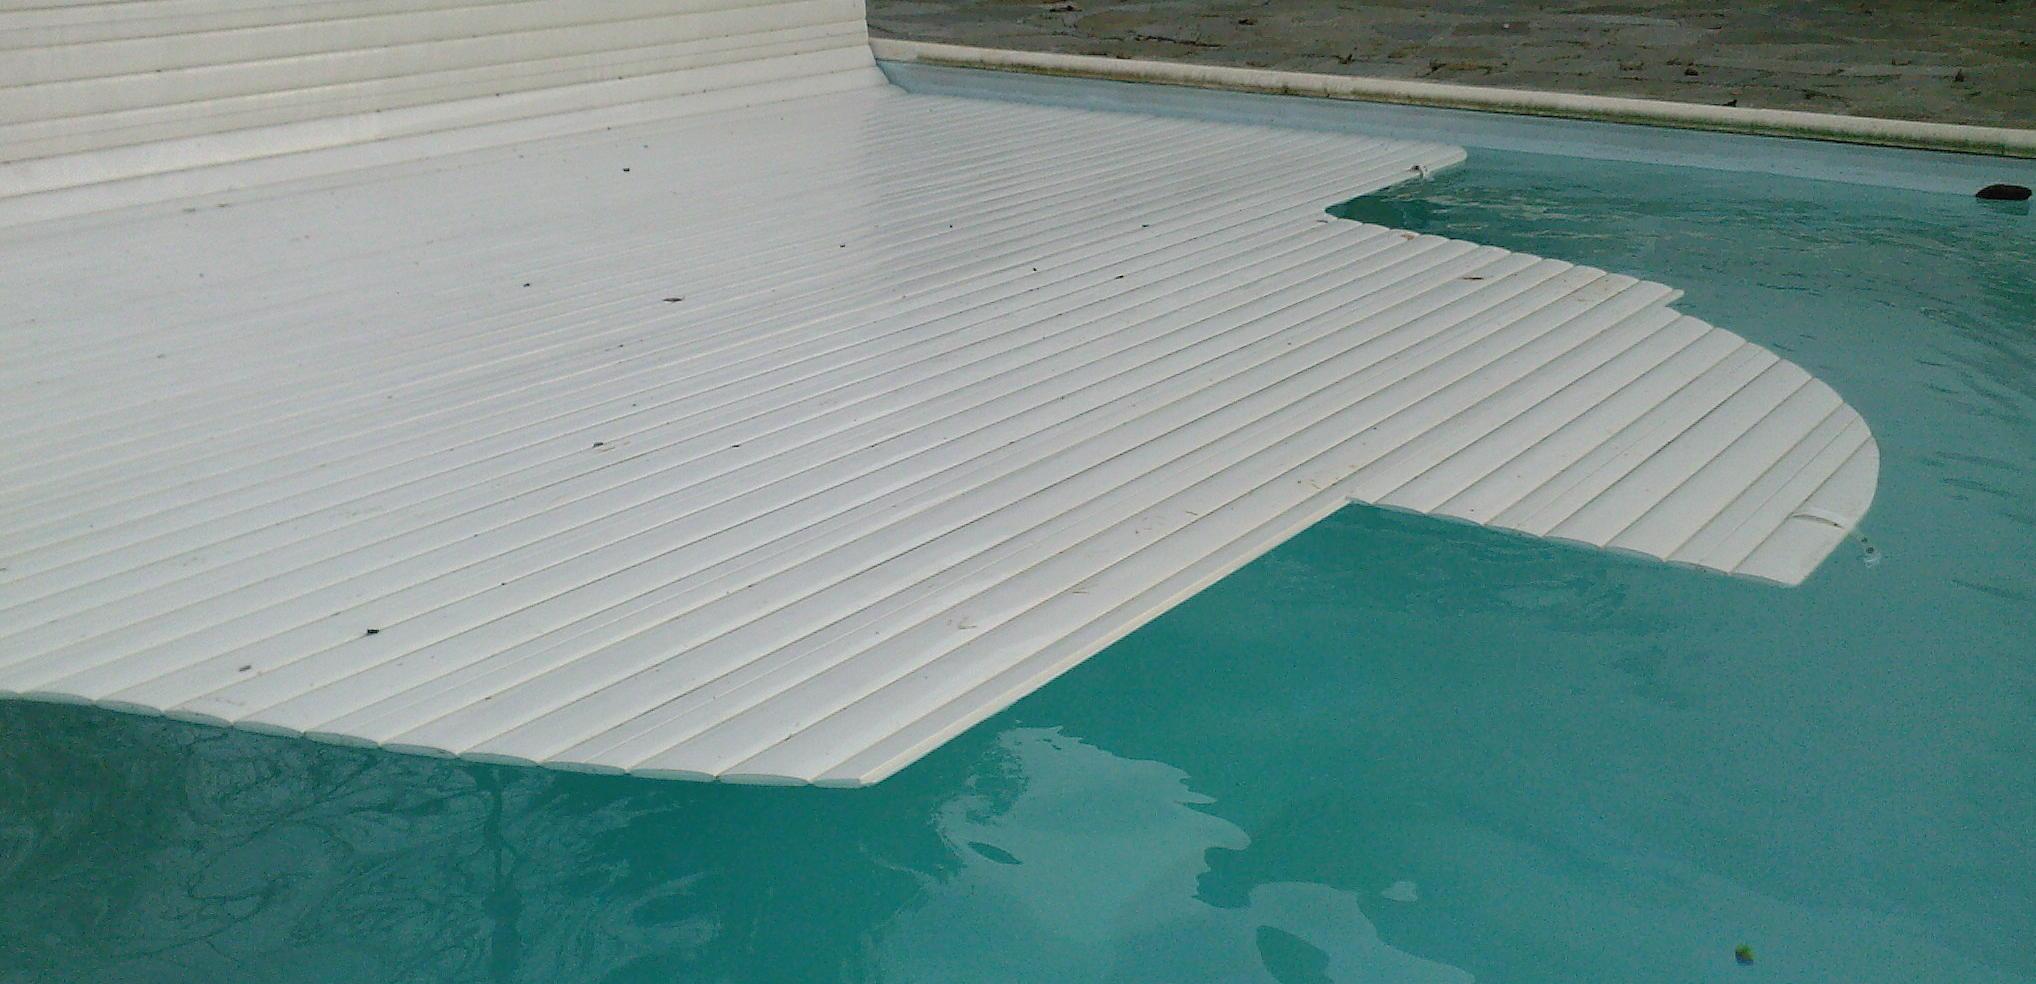 Lames de volet de piscine volet flottant de piscine for Aquafab produits de piscine